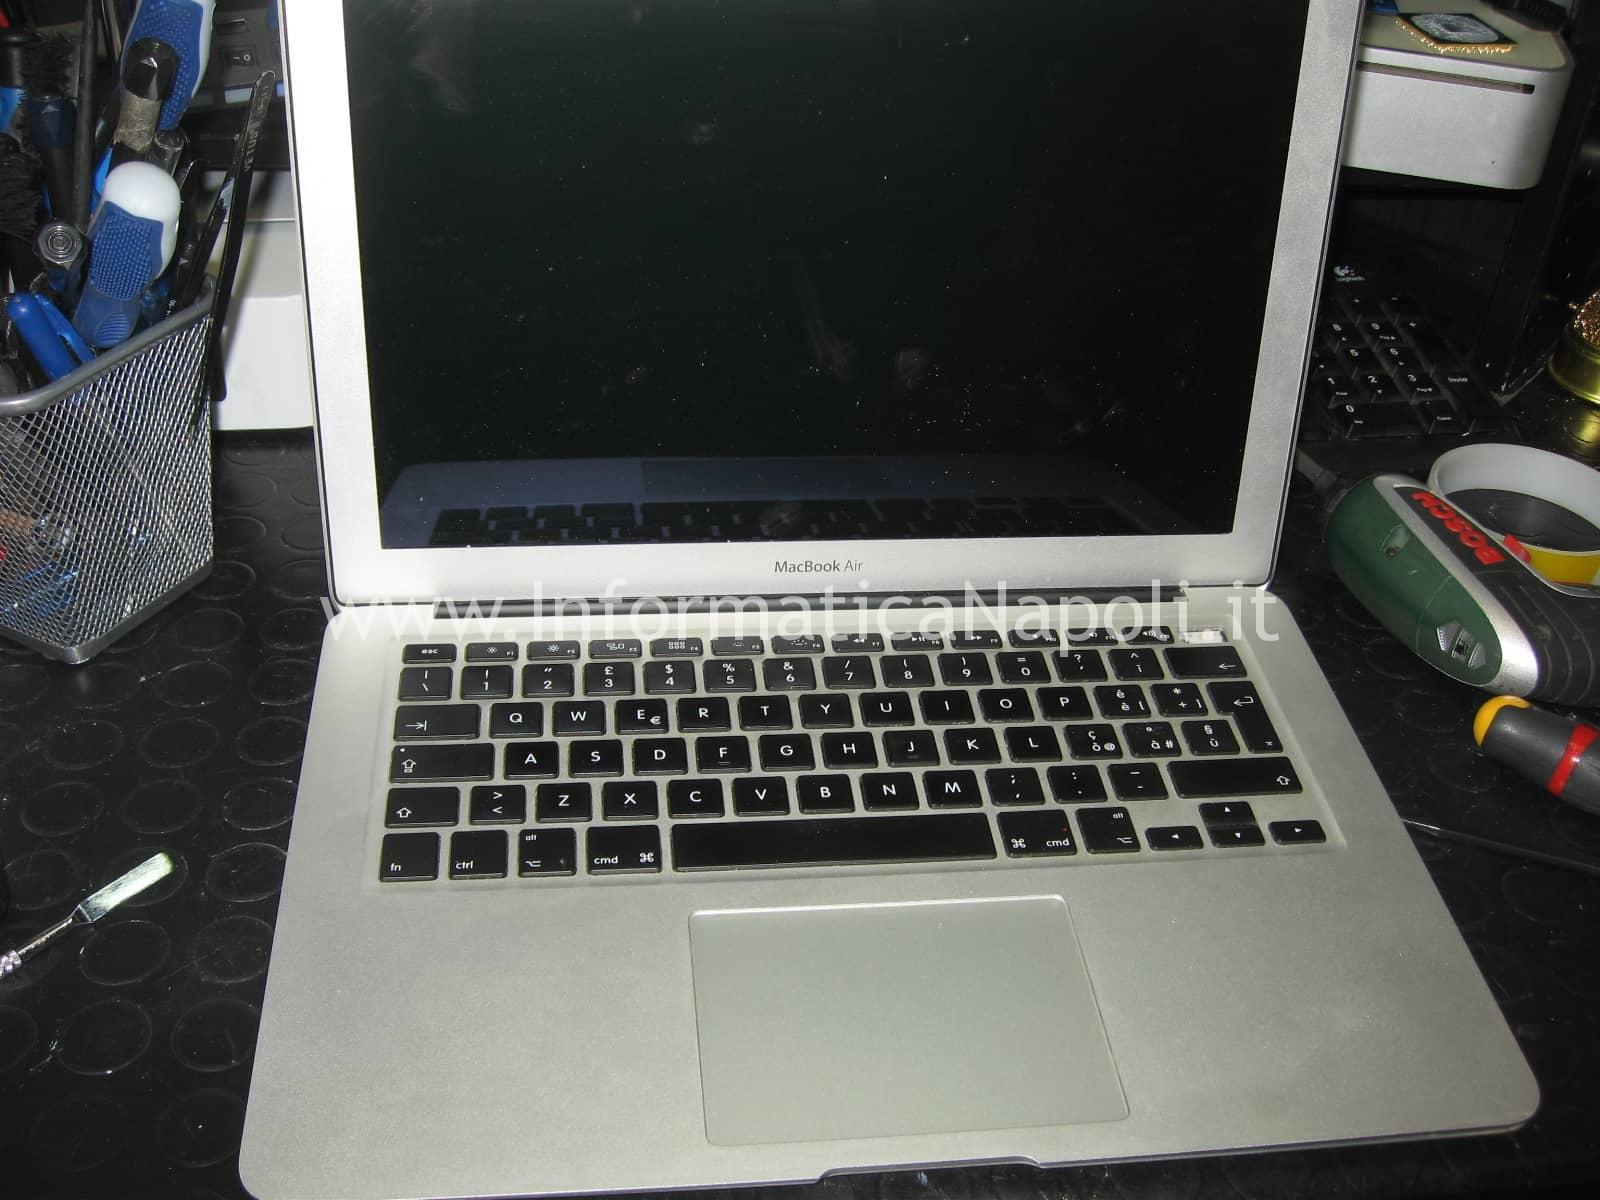 tastiera non funzionante A1466 EMC 2559